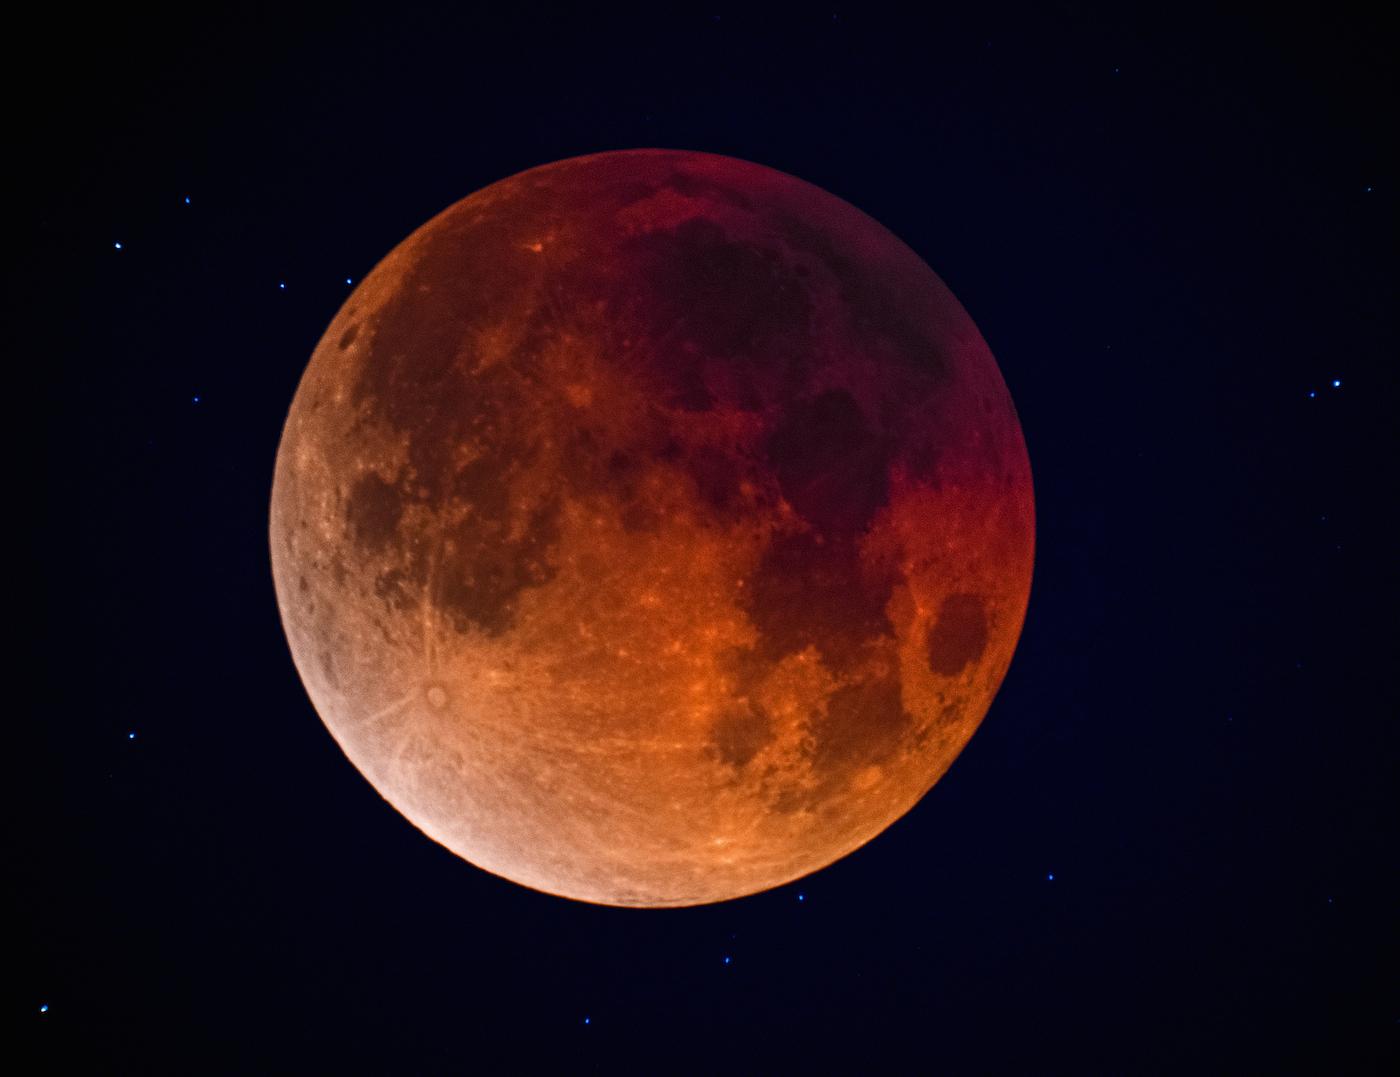 Imagen del eclipse lunar fase total desde arizona for Que fase lunar hay hoy